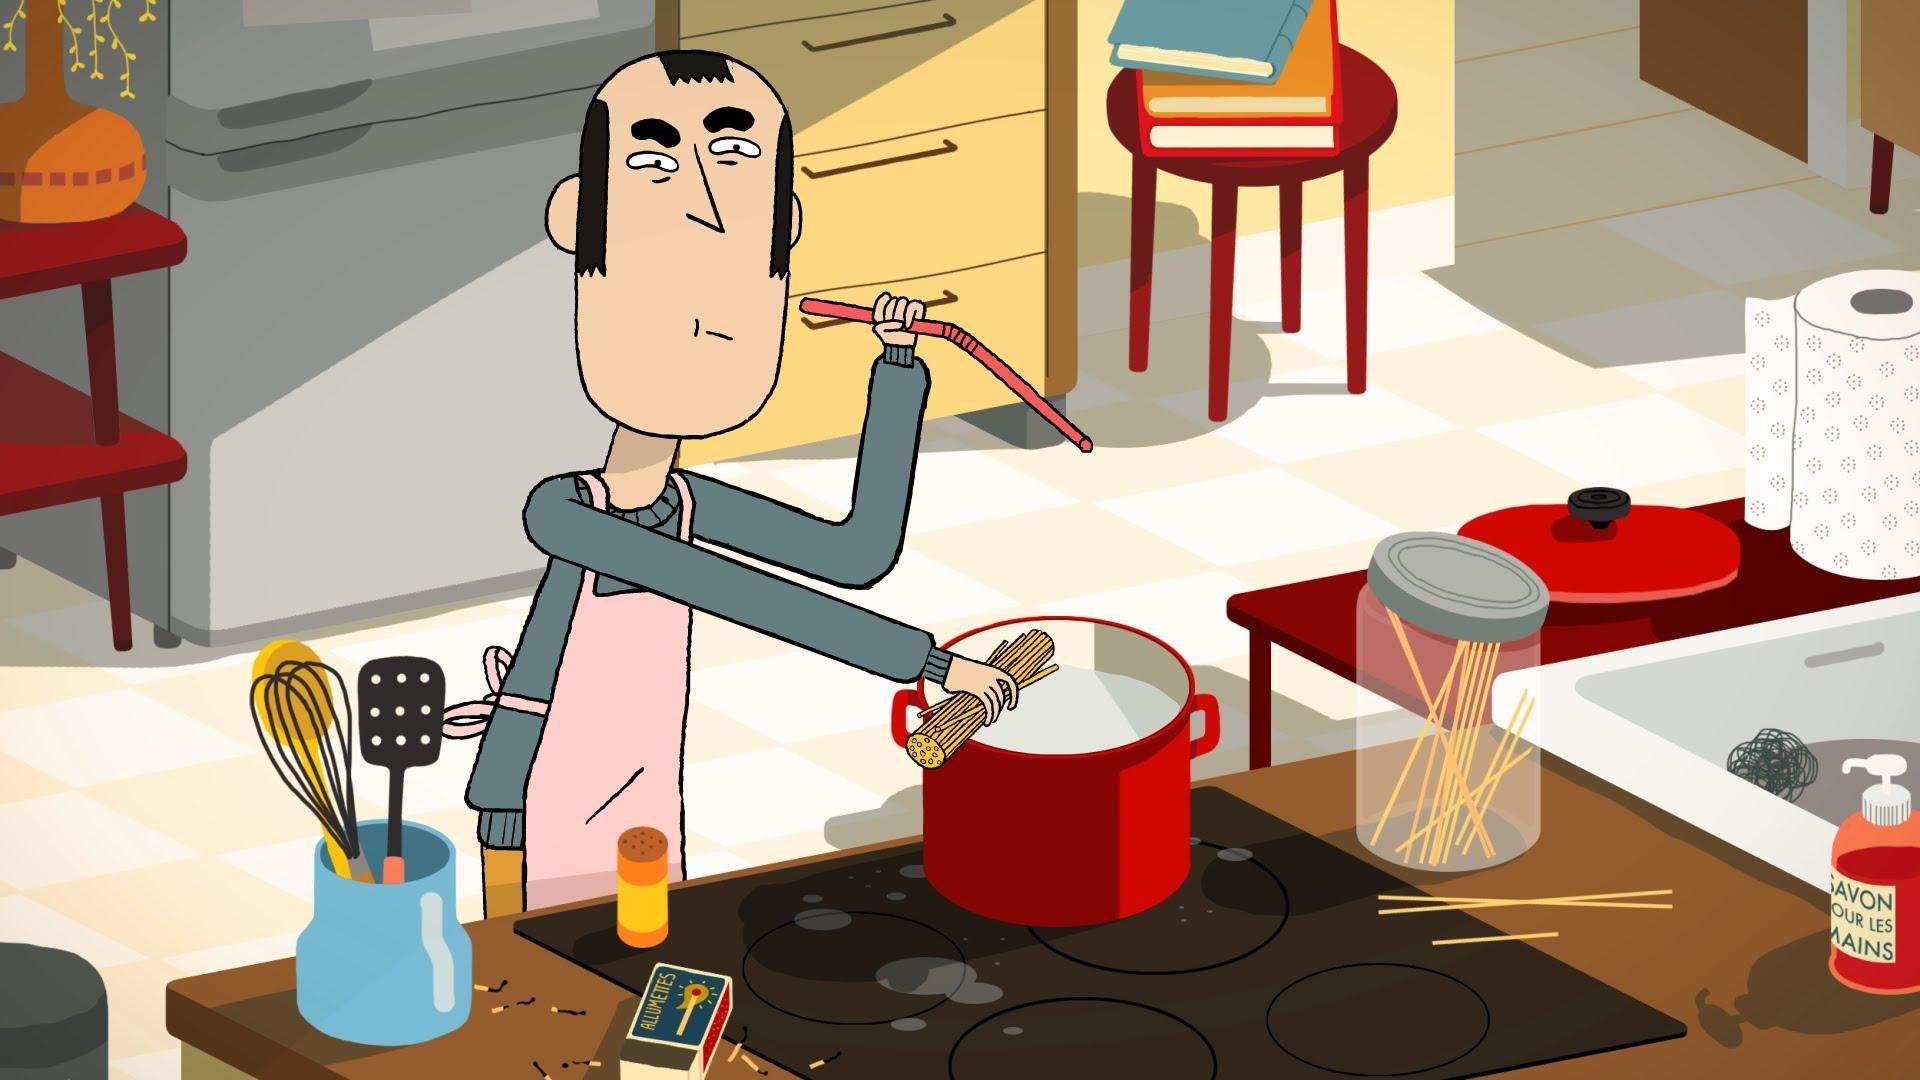 Blog cuisine : Améliorer sa technique en cuisine, je vous donne mes recommandations